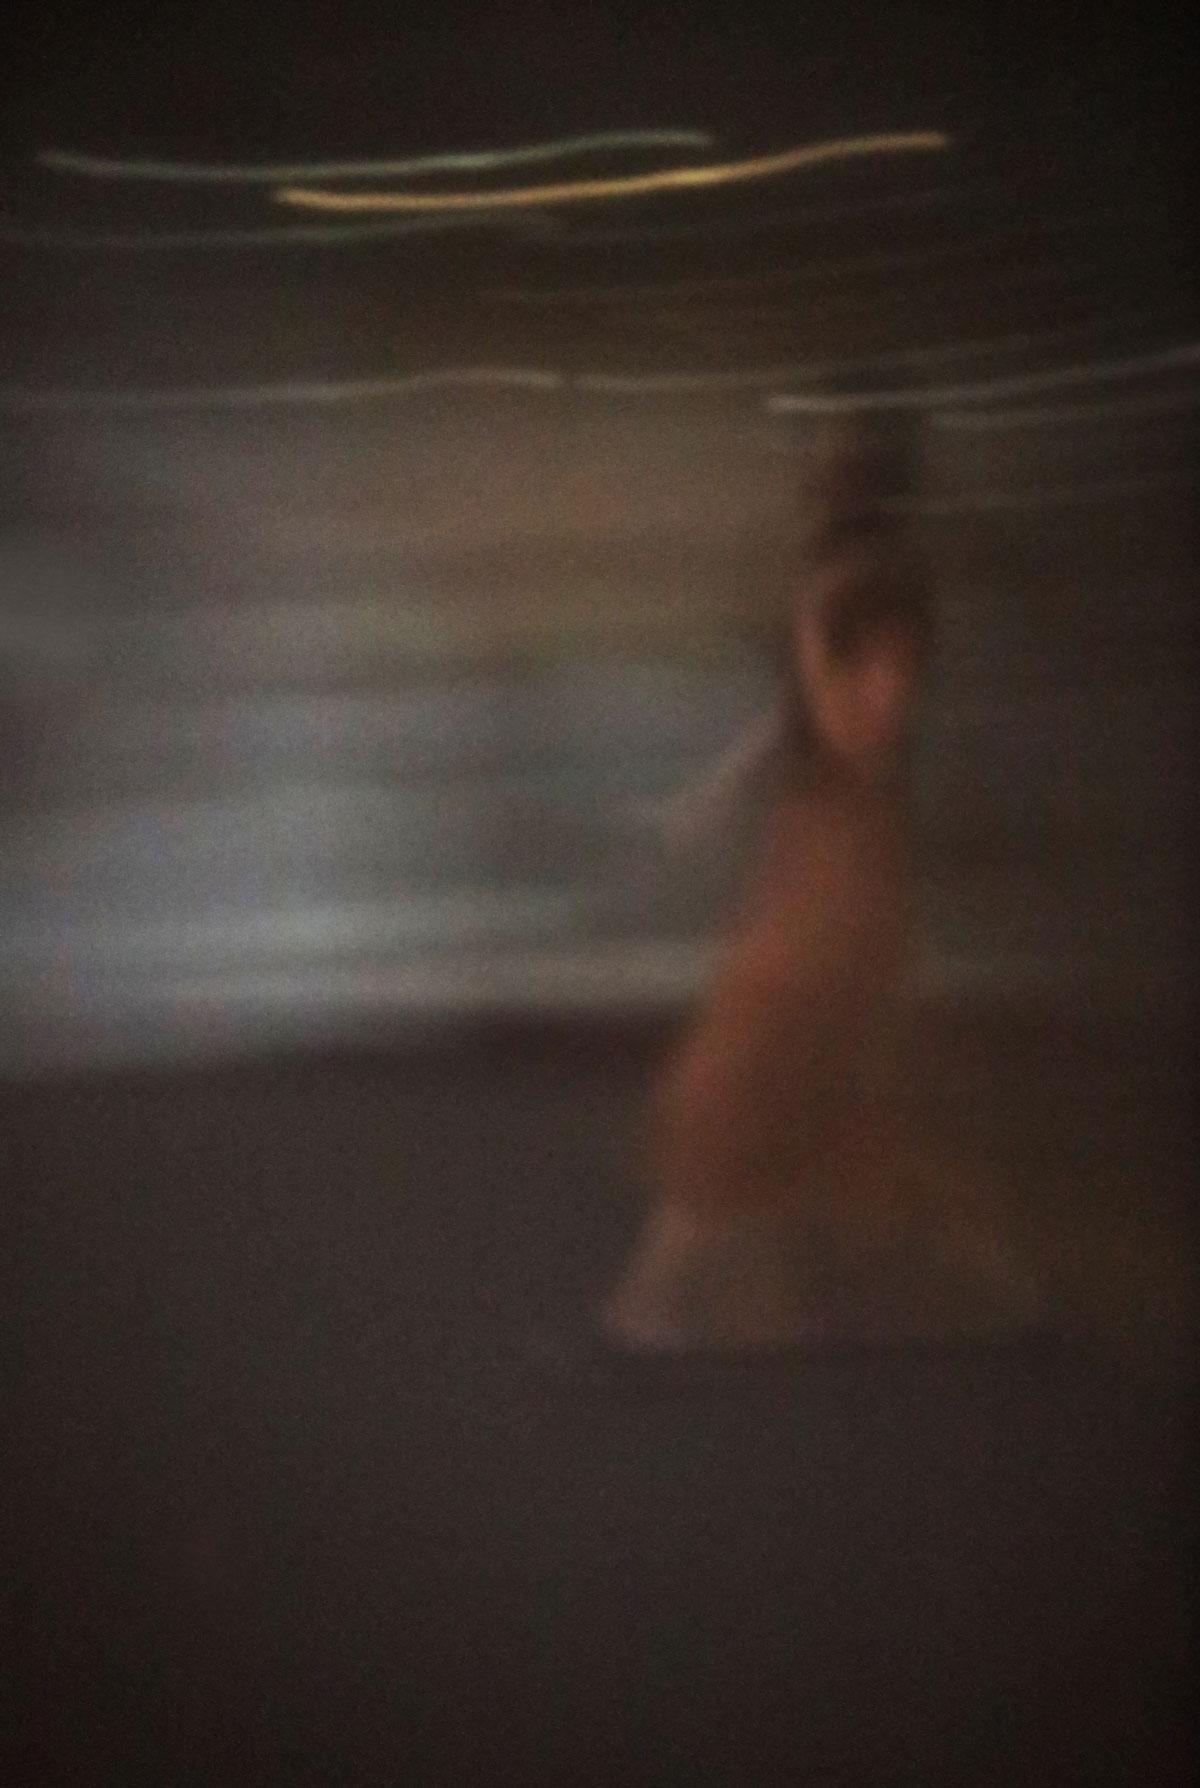 24 | new zealand series | 2020 | Camera Obscura | Pigmentdruck auf Alu-Dibond